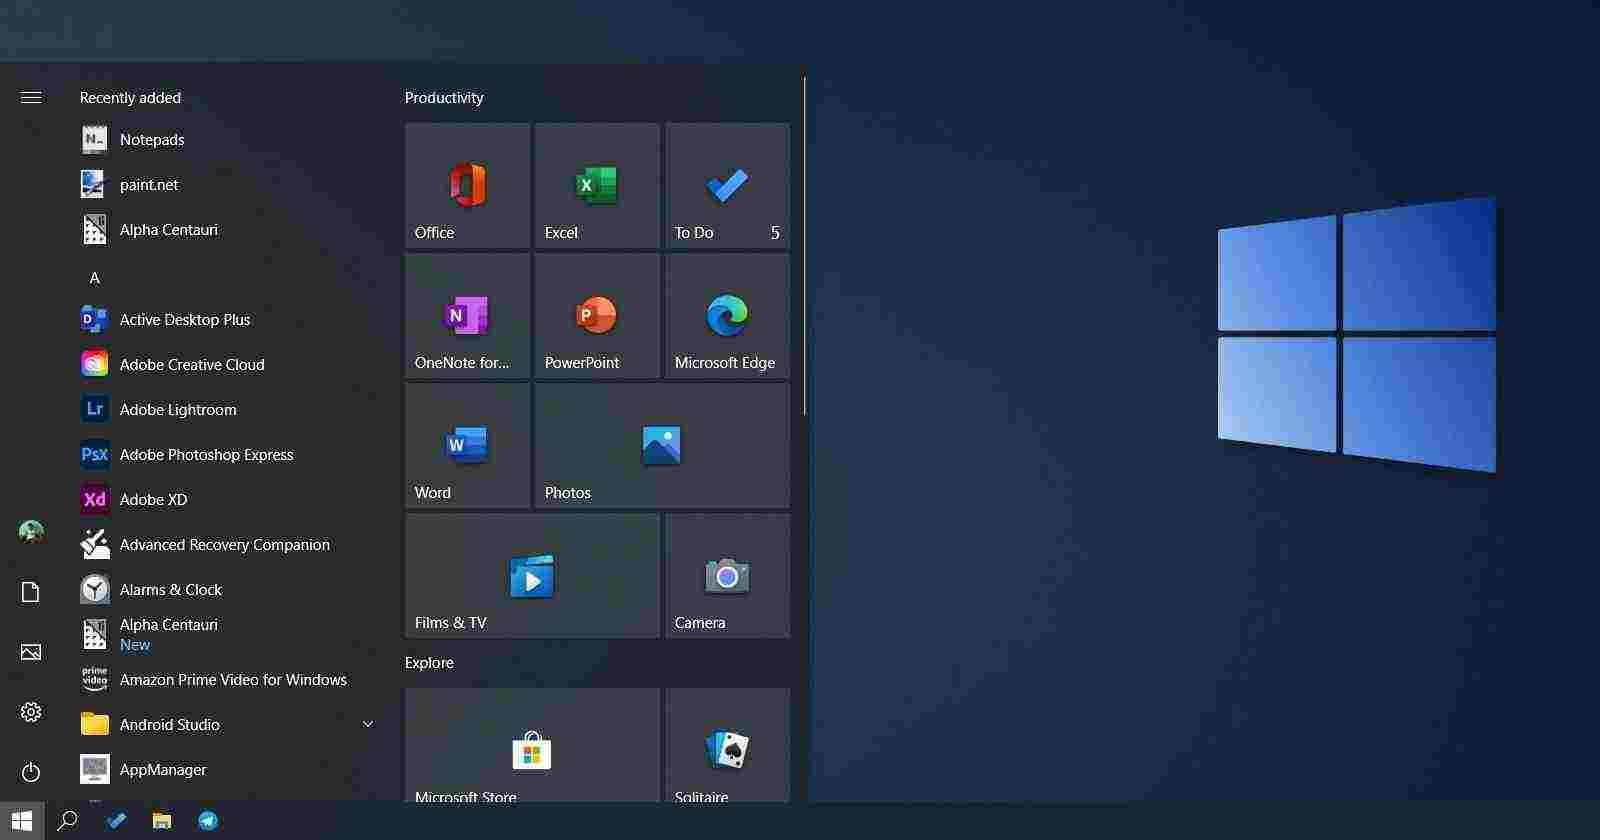 Ekim güncellemesi olarak da bilinen Windows 10 20H2 güncellemesi yakında geliyor, özellikleri ve nasıl kurulur, anlattık.